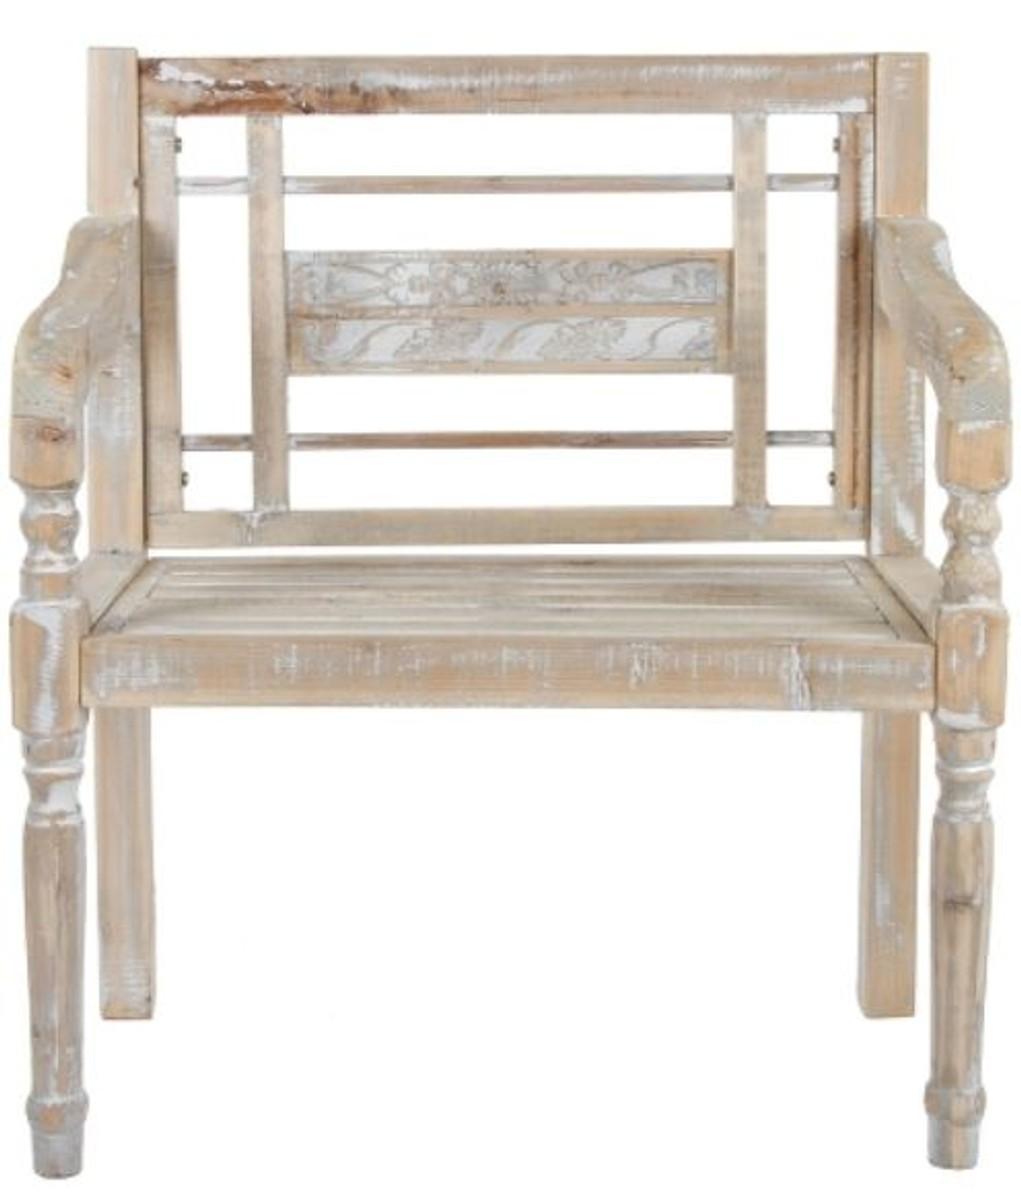 Full Size of Vorhänge Schlafzimmer Sessel Komplette Komplettangebote Rauch Kommode Weiß Schimmel Im Landhausstil Loddenkemper Set Komplett Guenstig Led Deckenleuchte Schlafzimmer Sitzbank Schlafzimmer